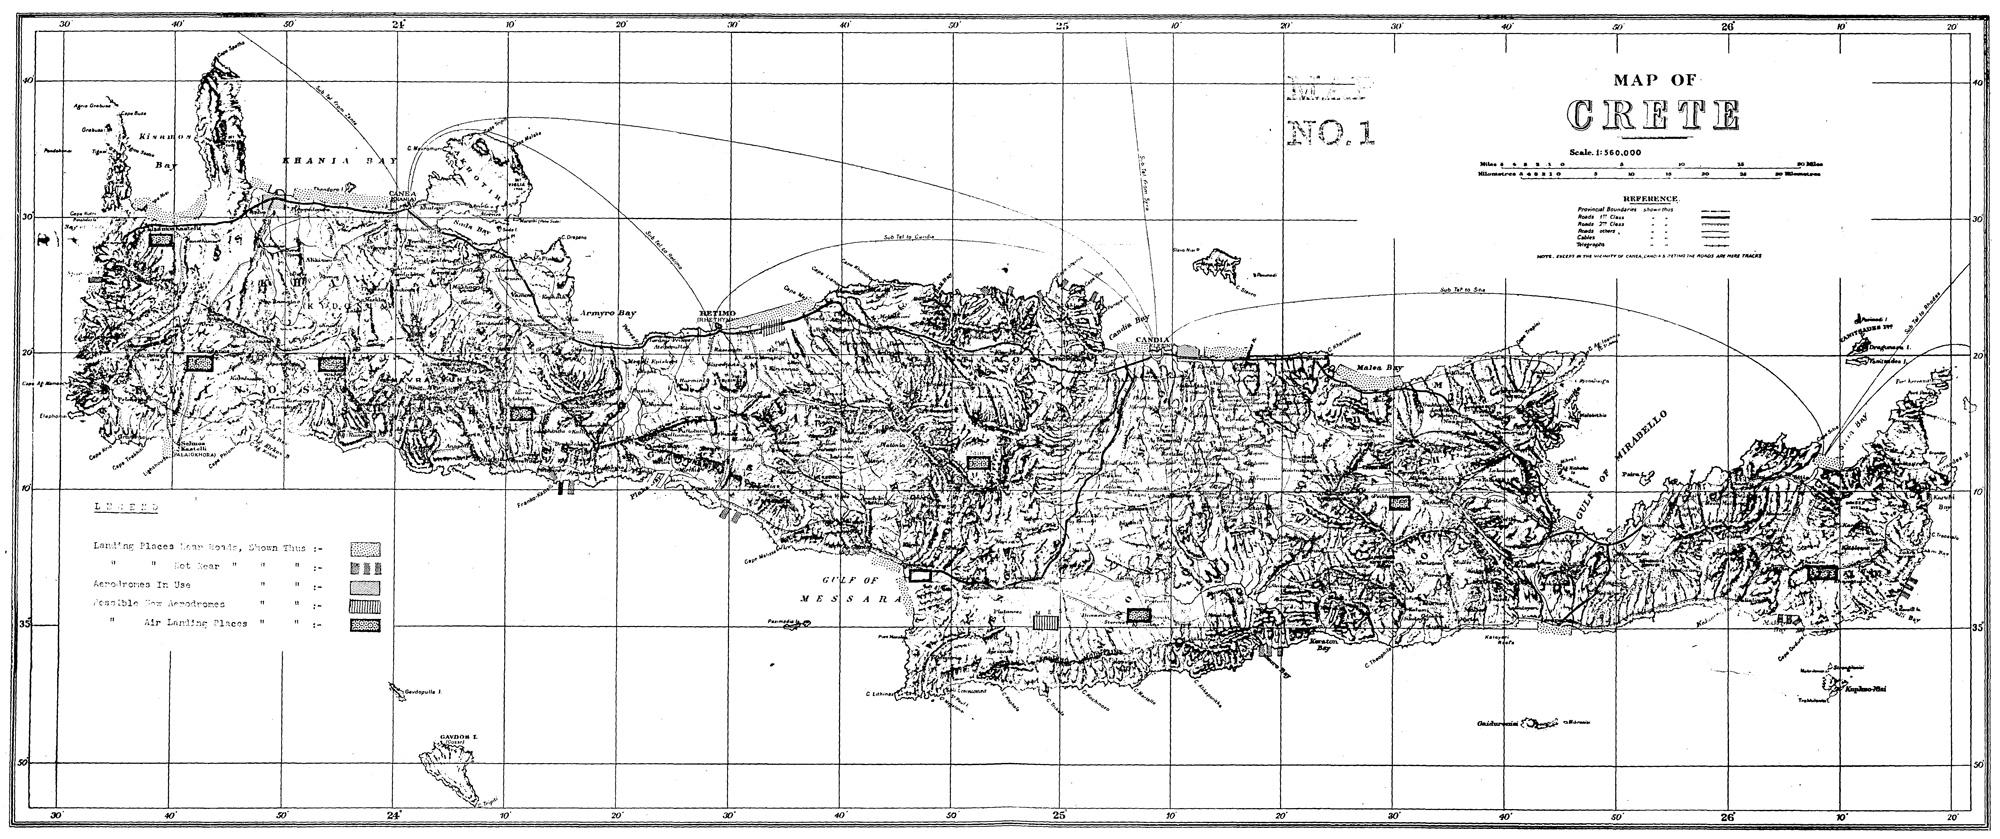 Airborne Invasion of Crete, 1941Map1